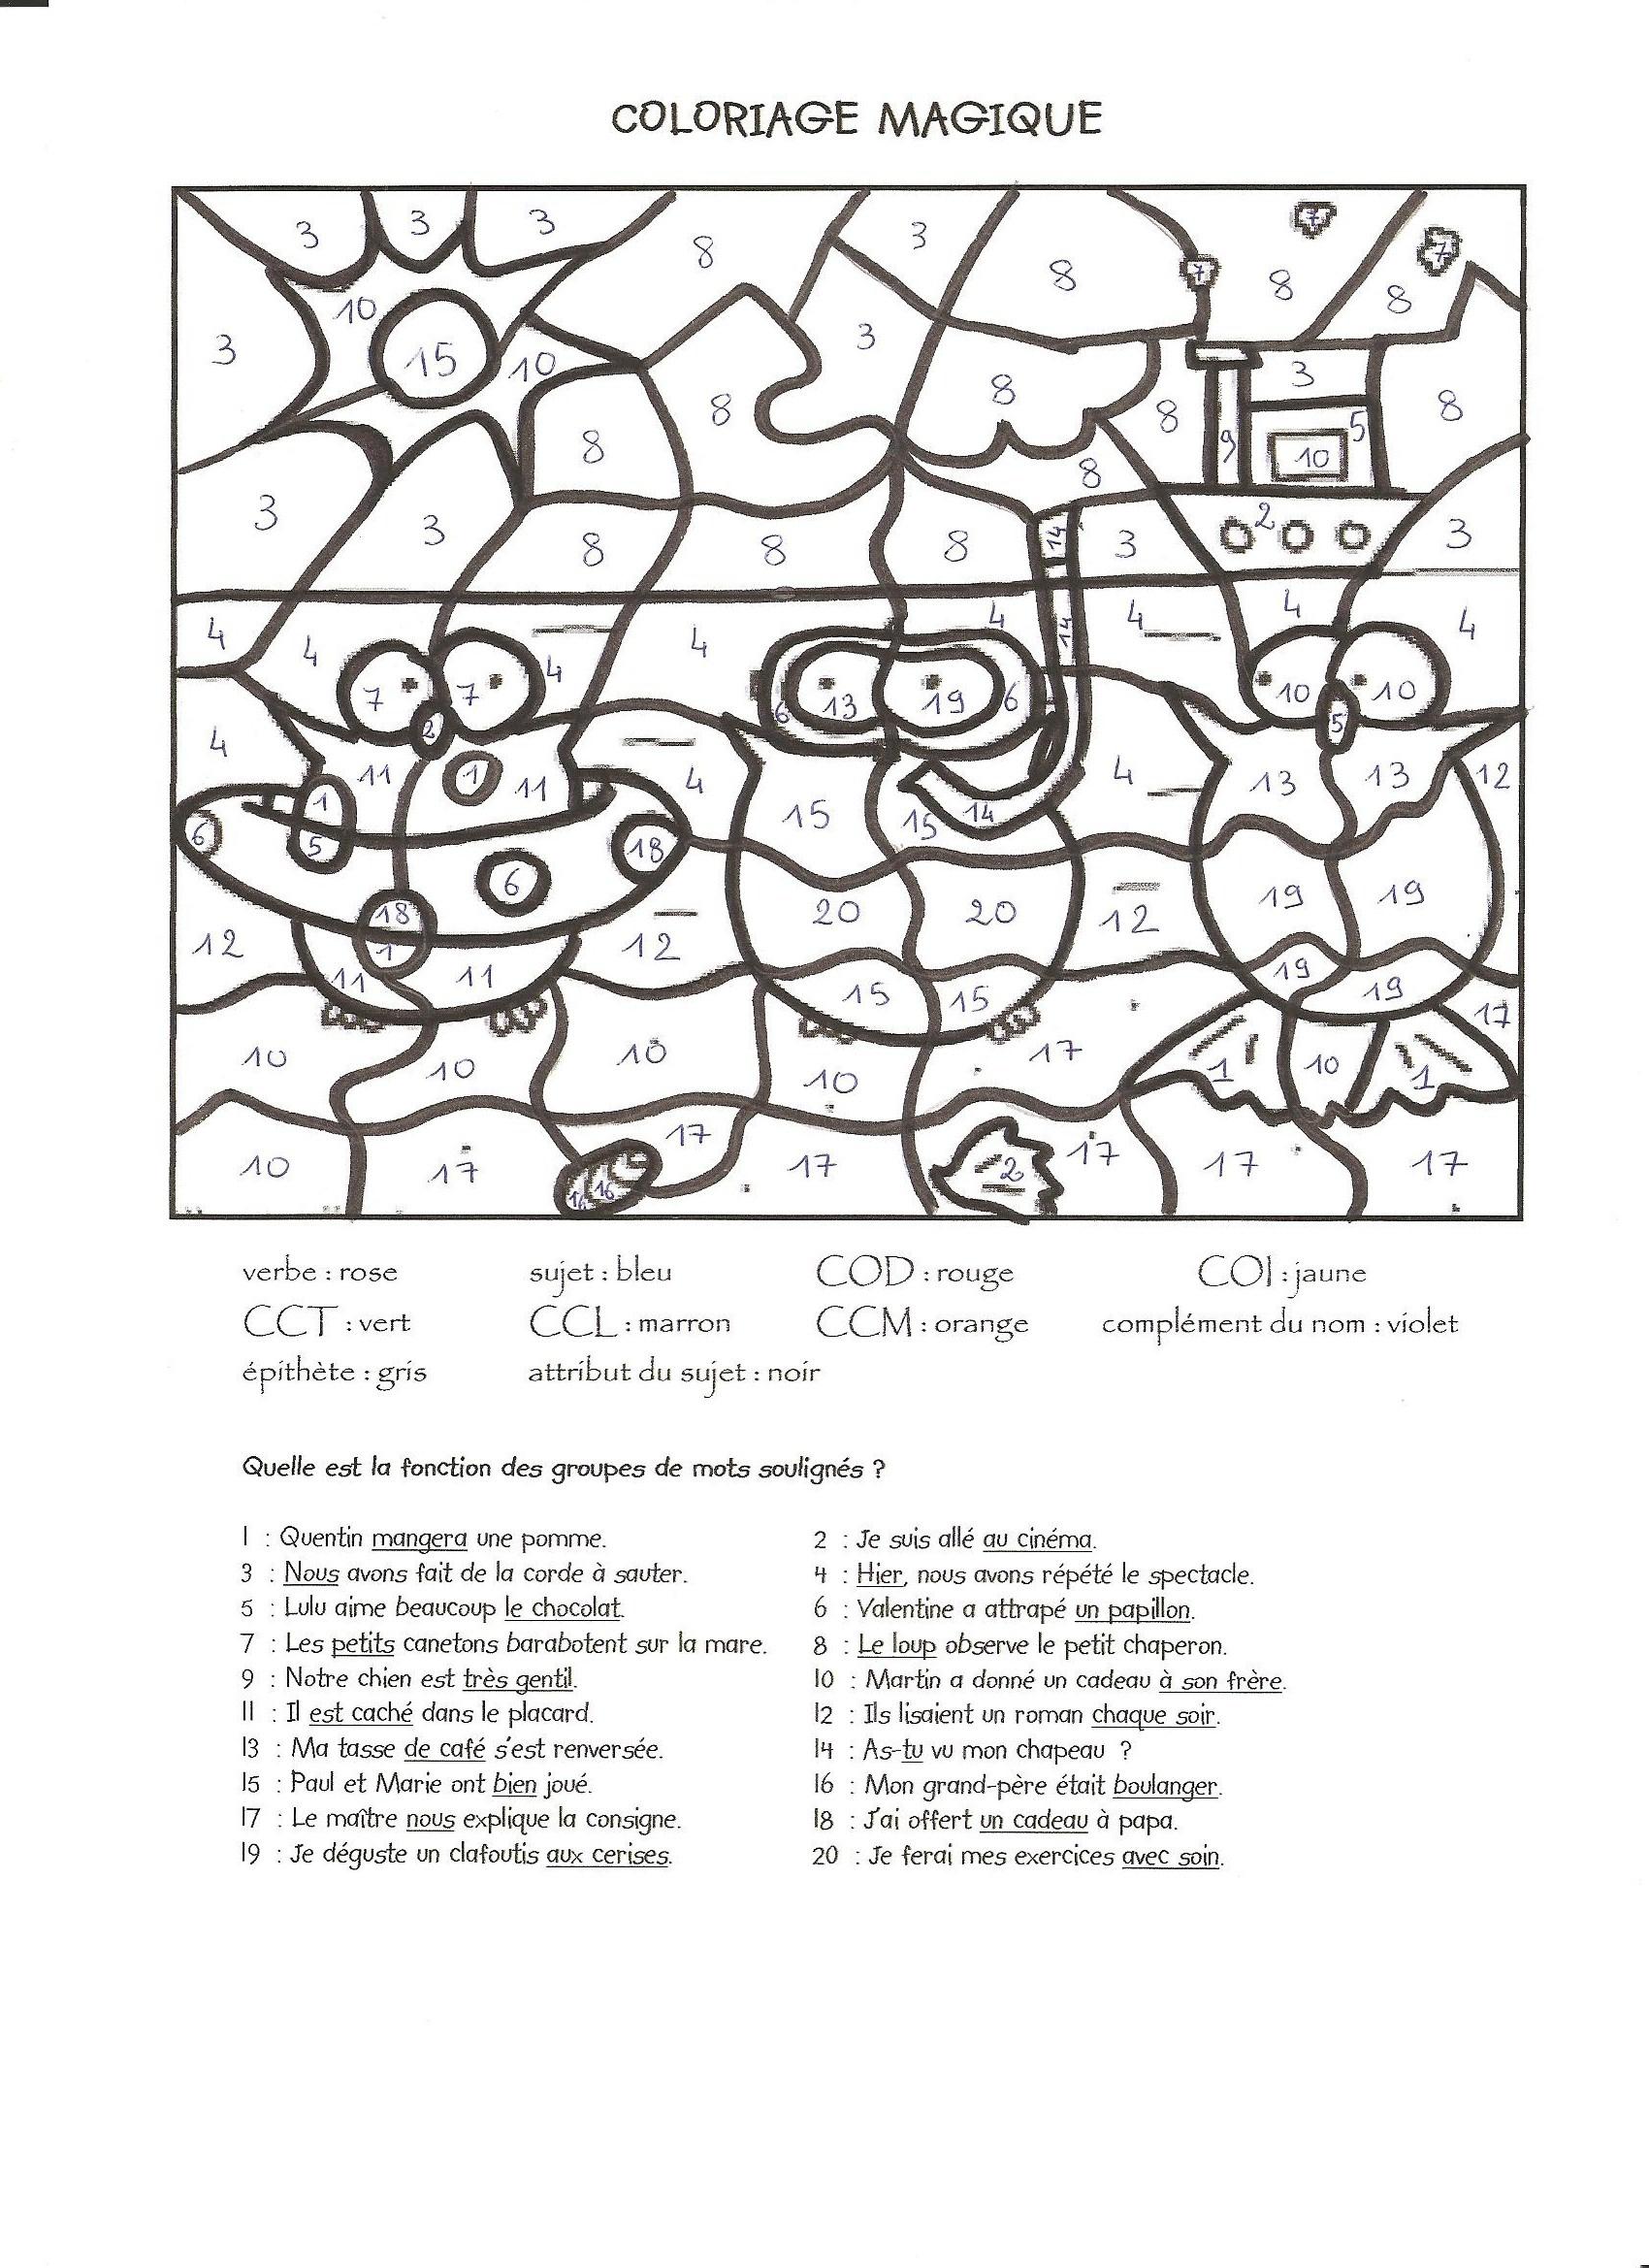 Magique 5 - Coloriage Magique - Coloriages Pour Enfants pour Coloriage Codé Ce1